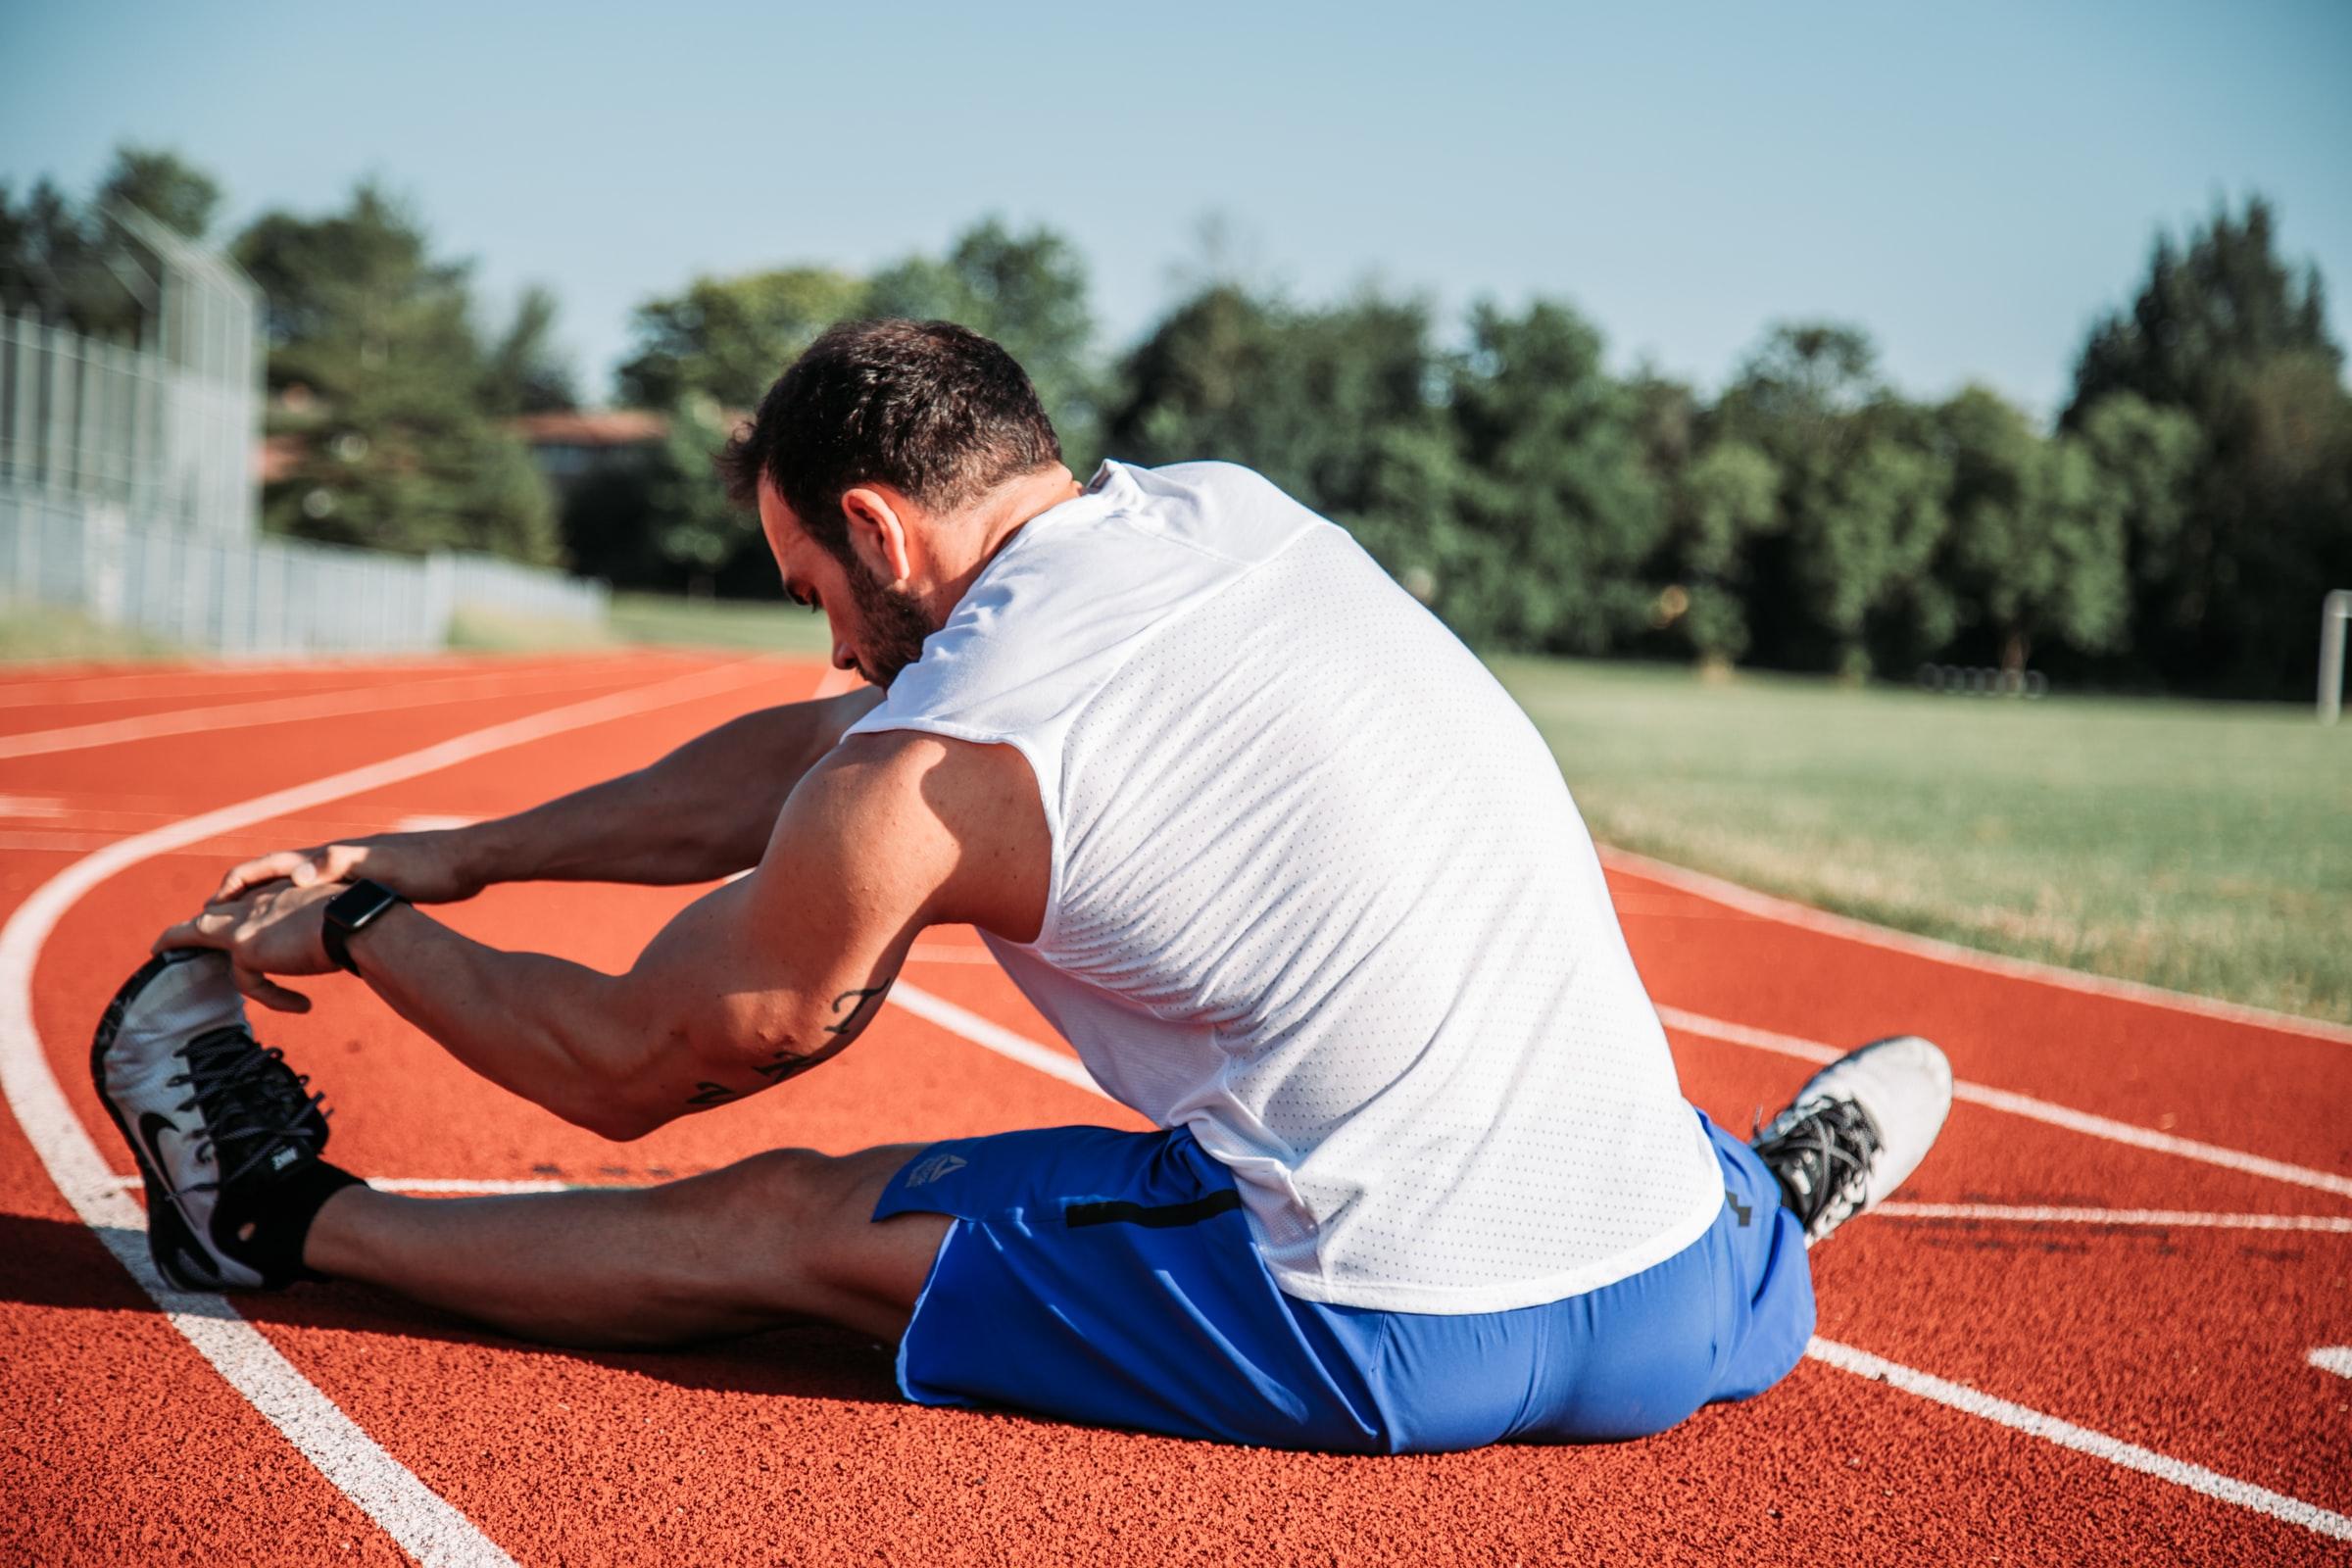 sport e CBD, ecco perché gli atleti dovrebbero provarlo